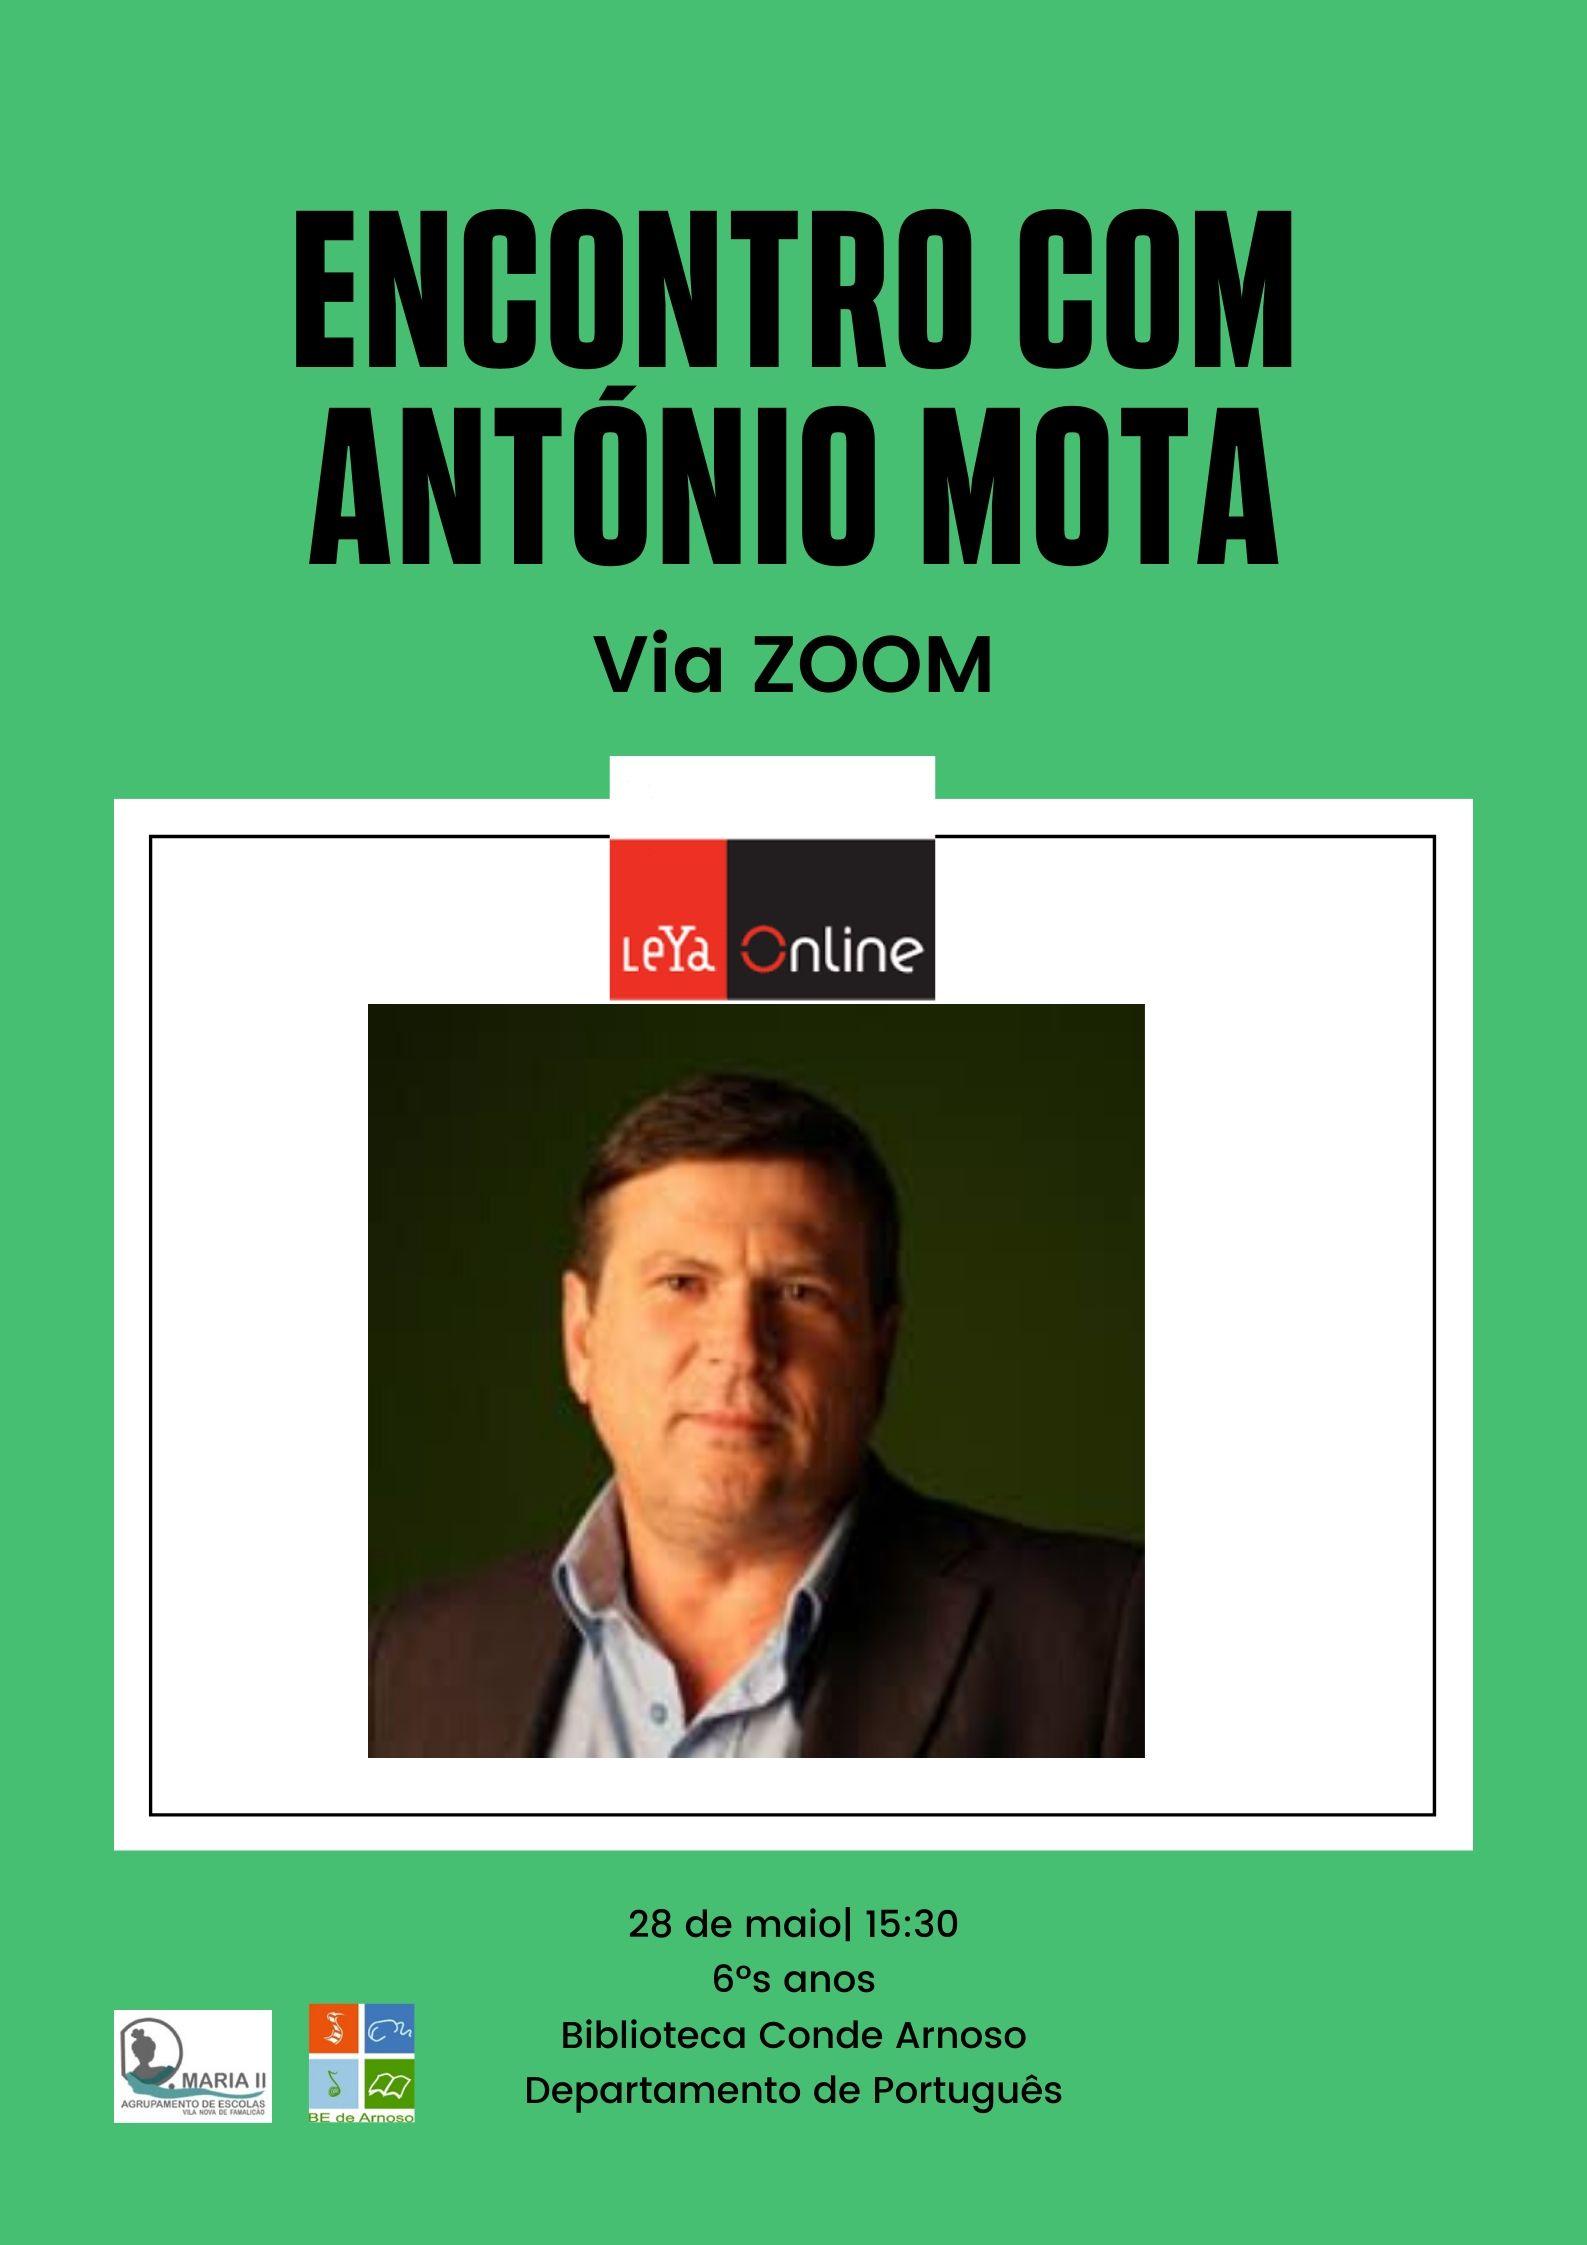 ENCONTRO COM ANTÓNIO MOTA